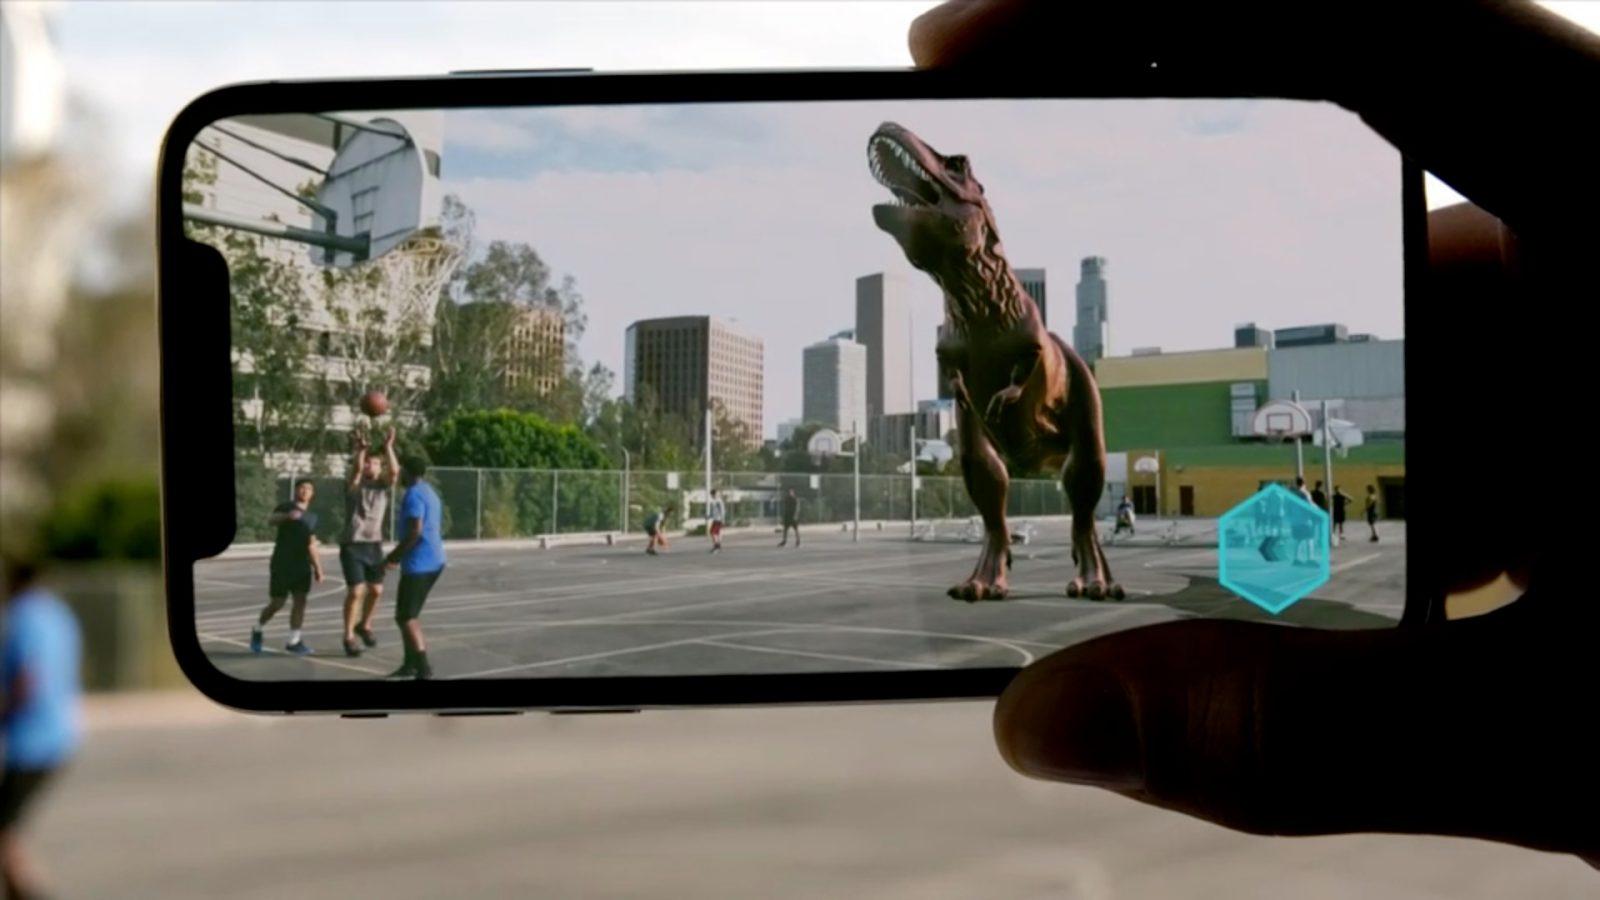 Как iPhone 12 ускоряет игры: новейшие технологии всегда открывают лучшие возможности